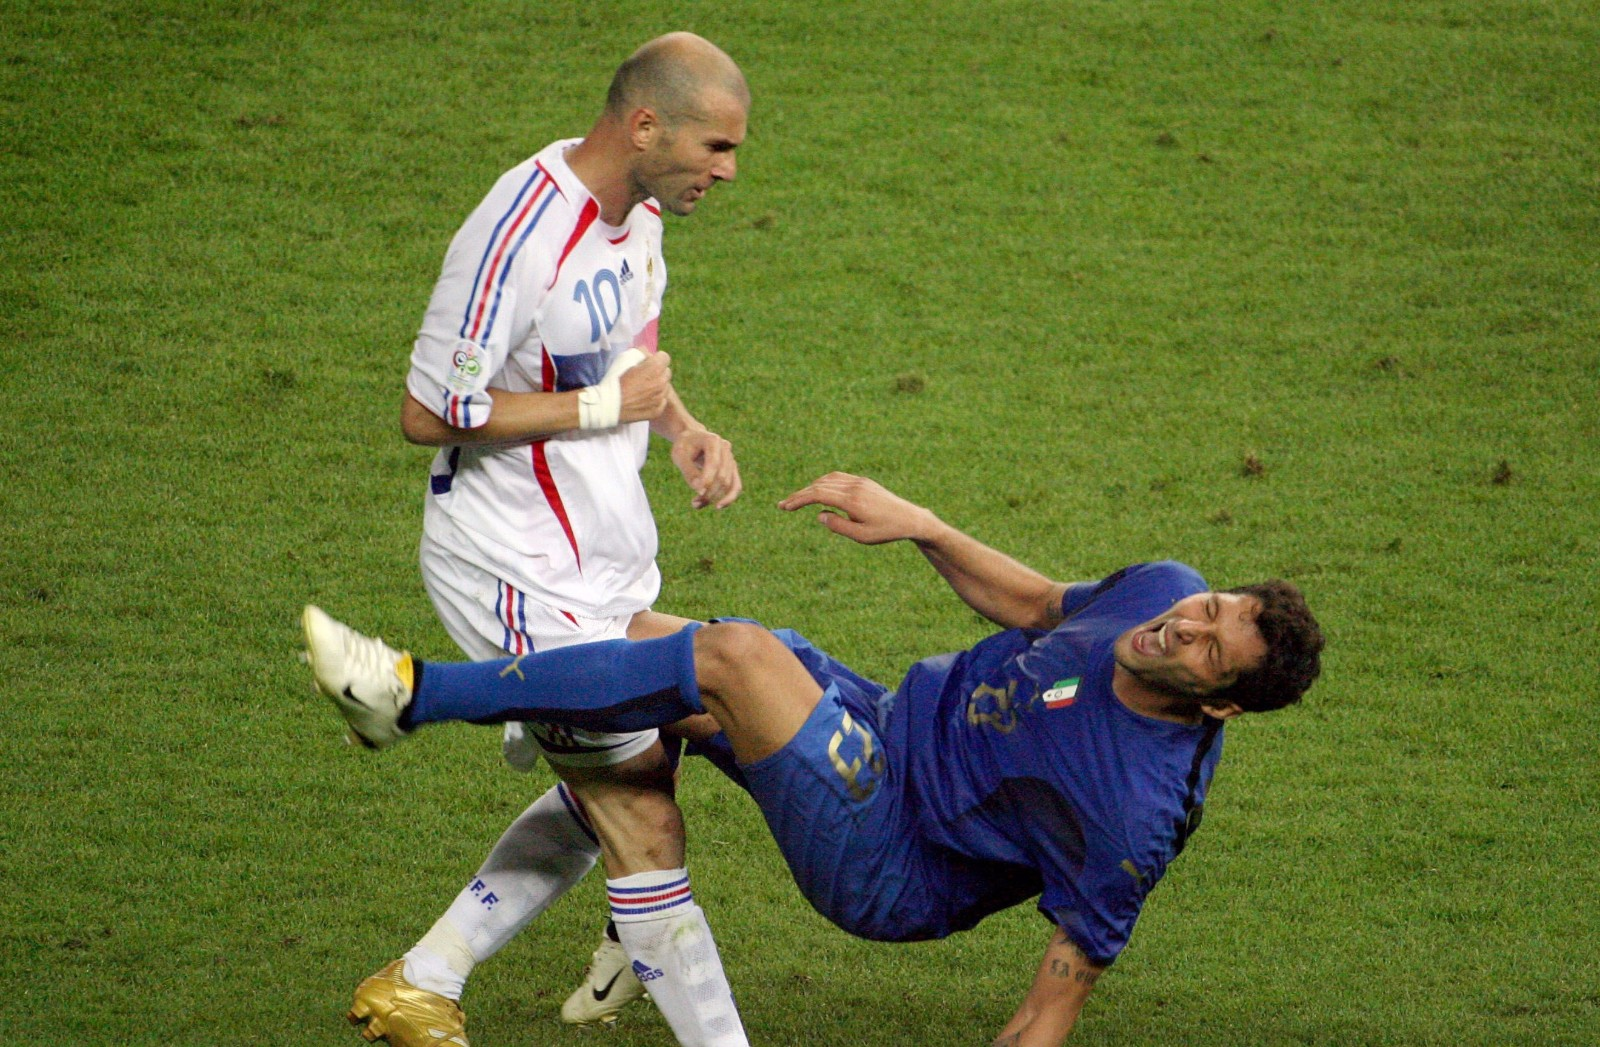 2006年世界杯决赛,法国队球员齐达内与意大利队球员马特拉齐发生言语冲突,随后做出了头顶马特拉齐的动作,被红牌罚下。\\\\r\\\\n图为2006年7月9日,齐达内头顶马特拉齐瞬间。